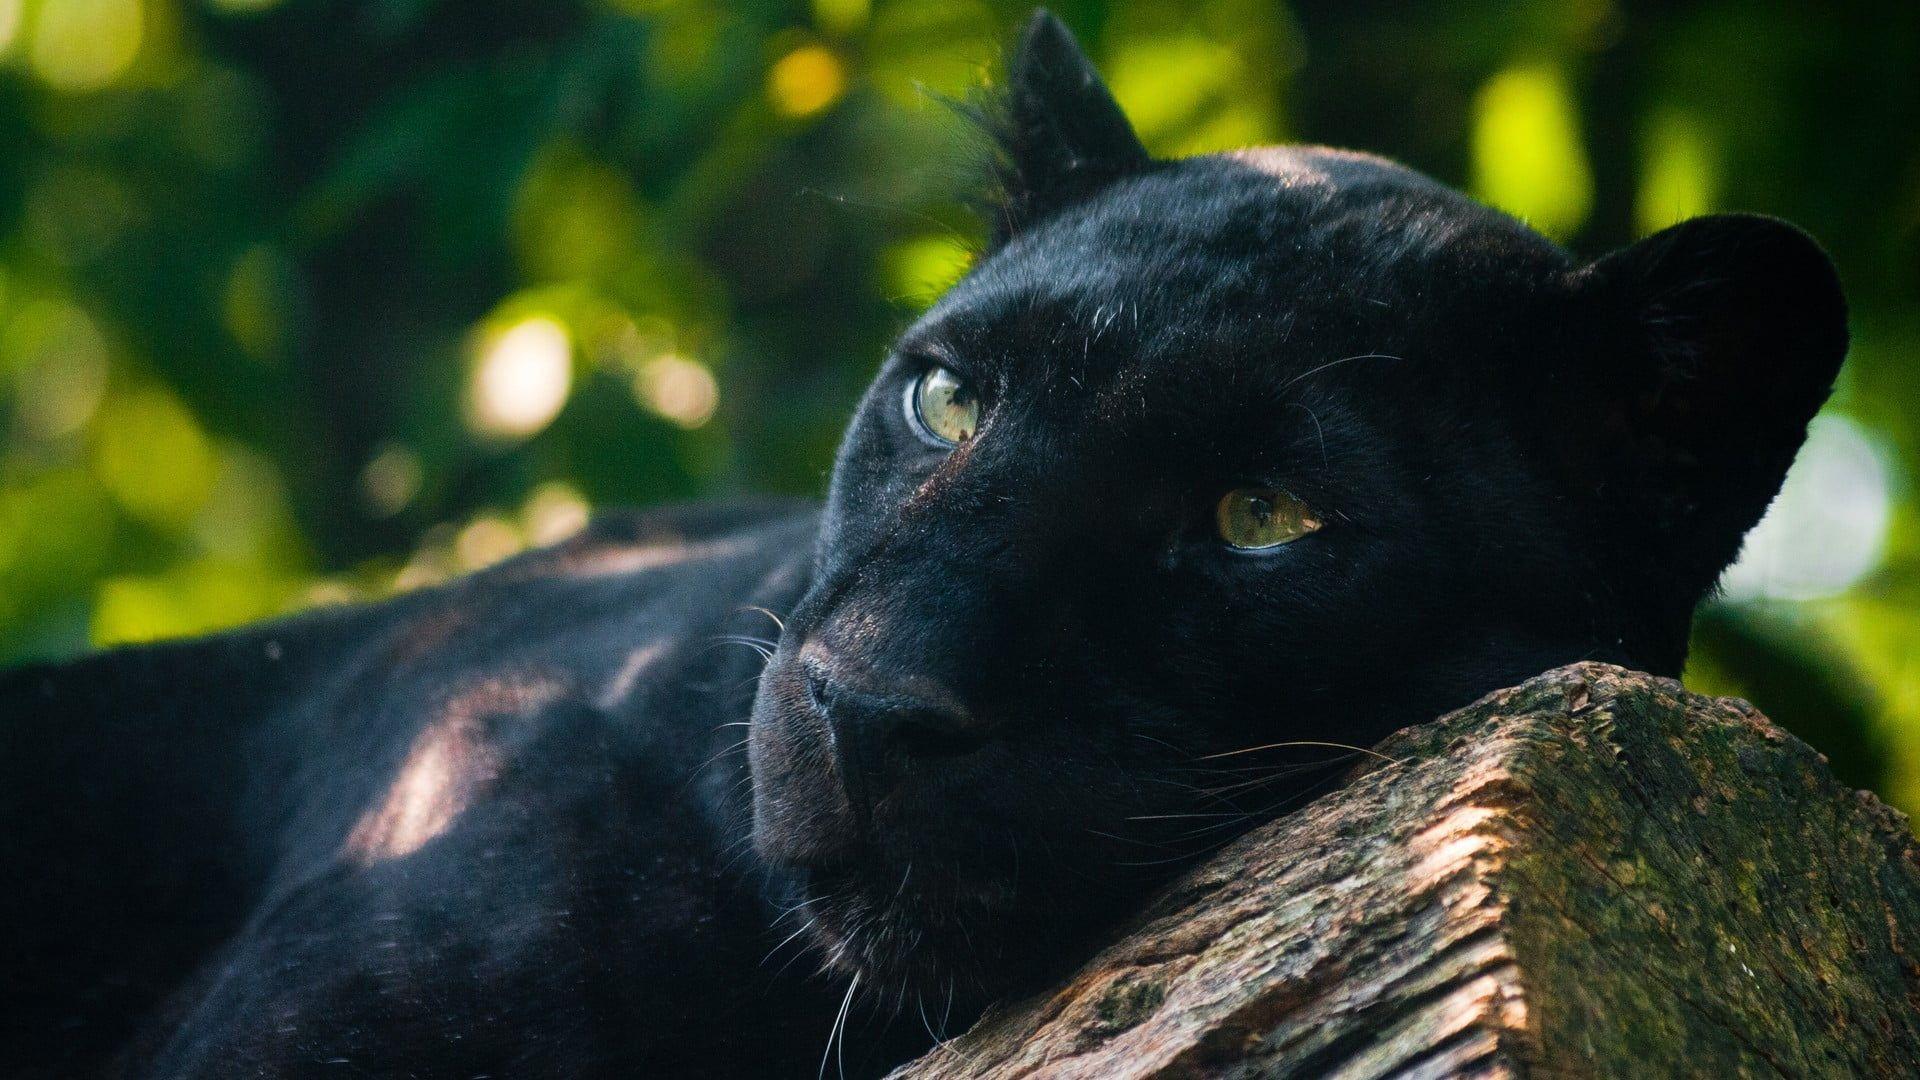 Adult Black Panther Panthers Animals Photography Jaguar